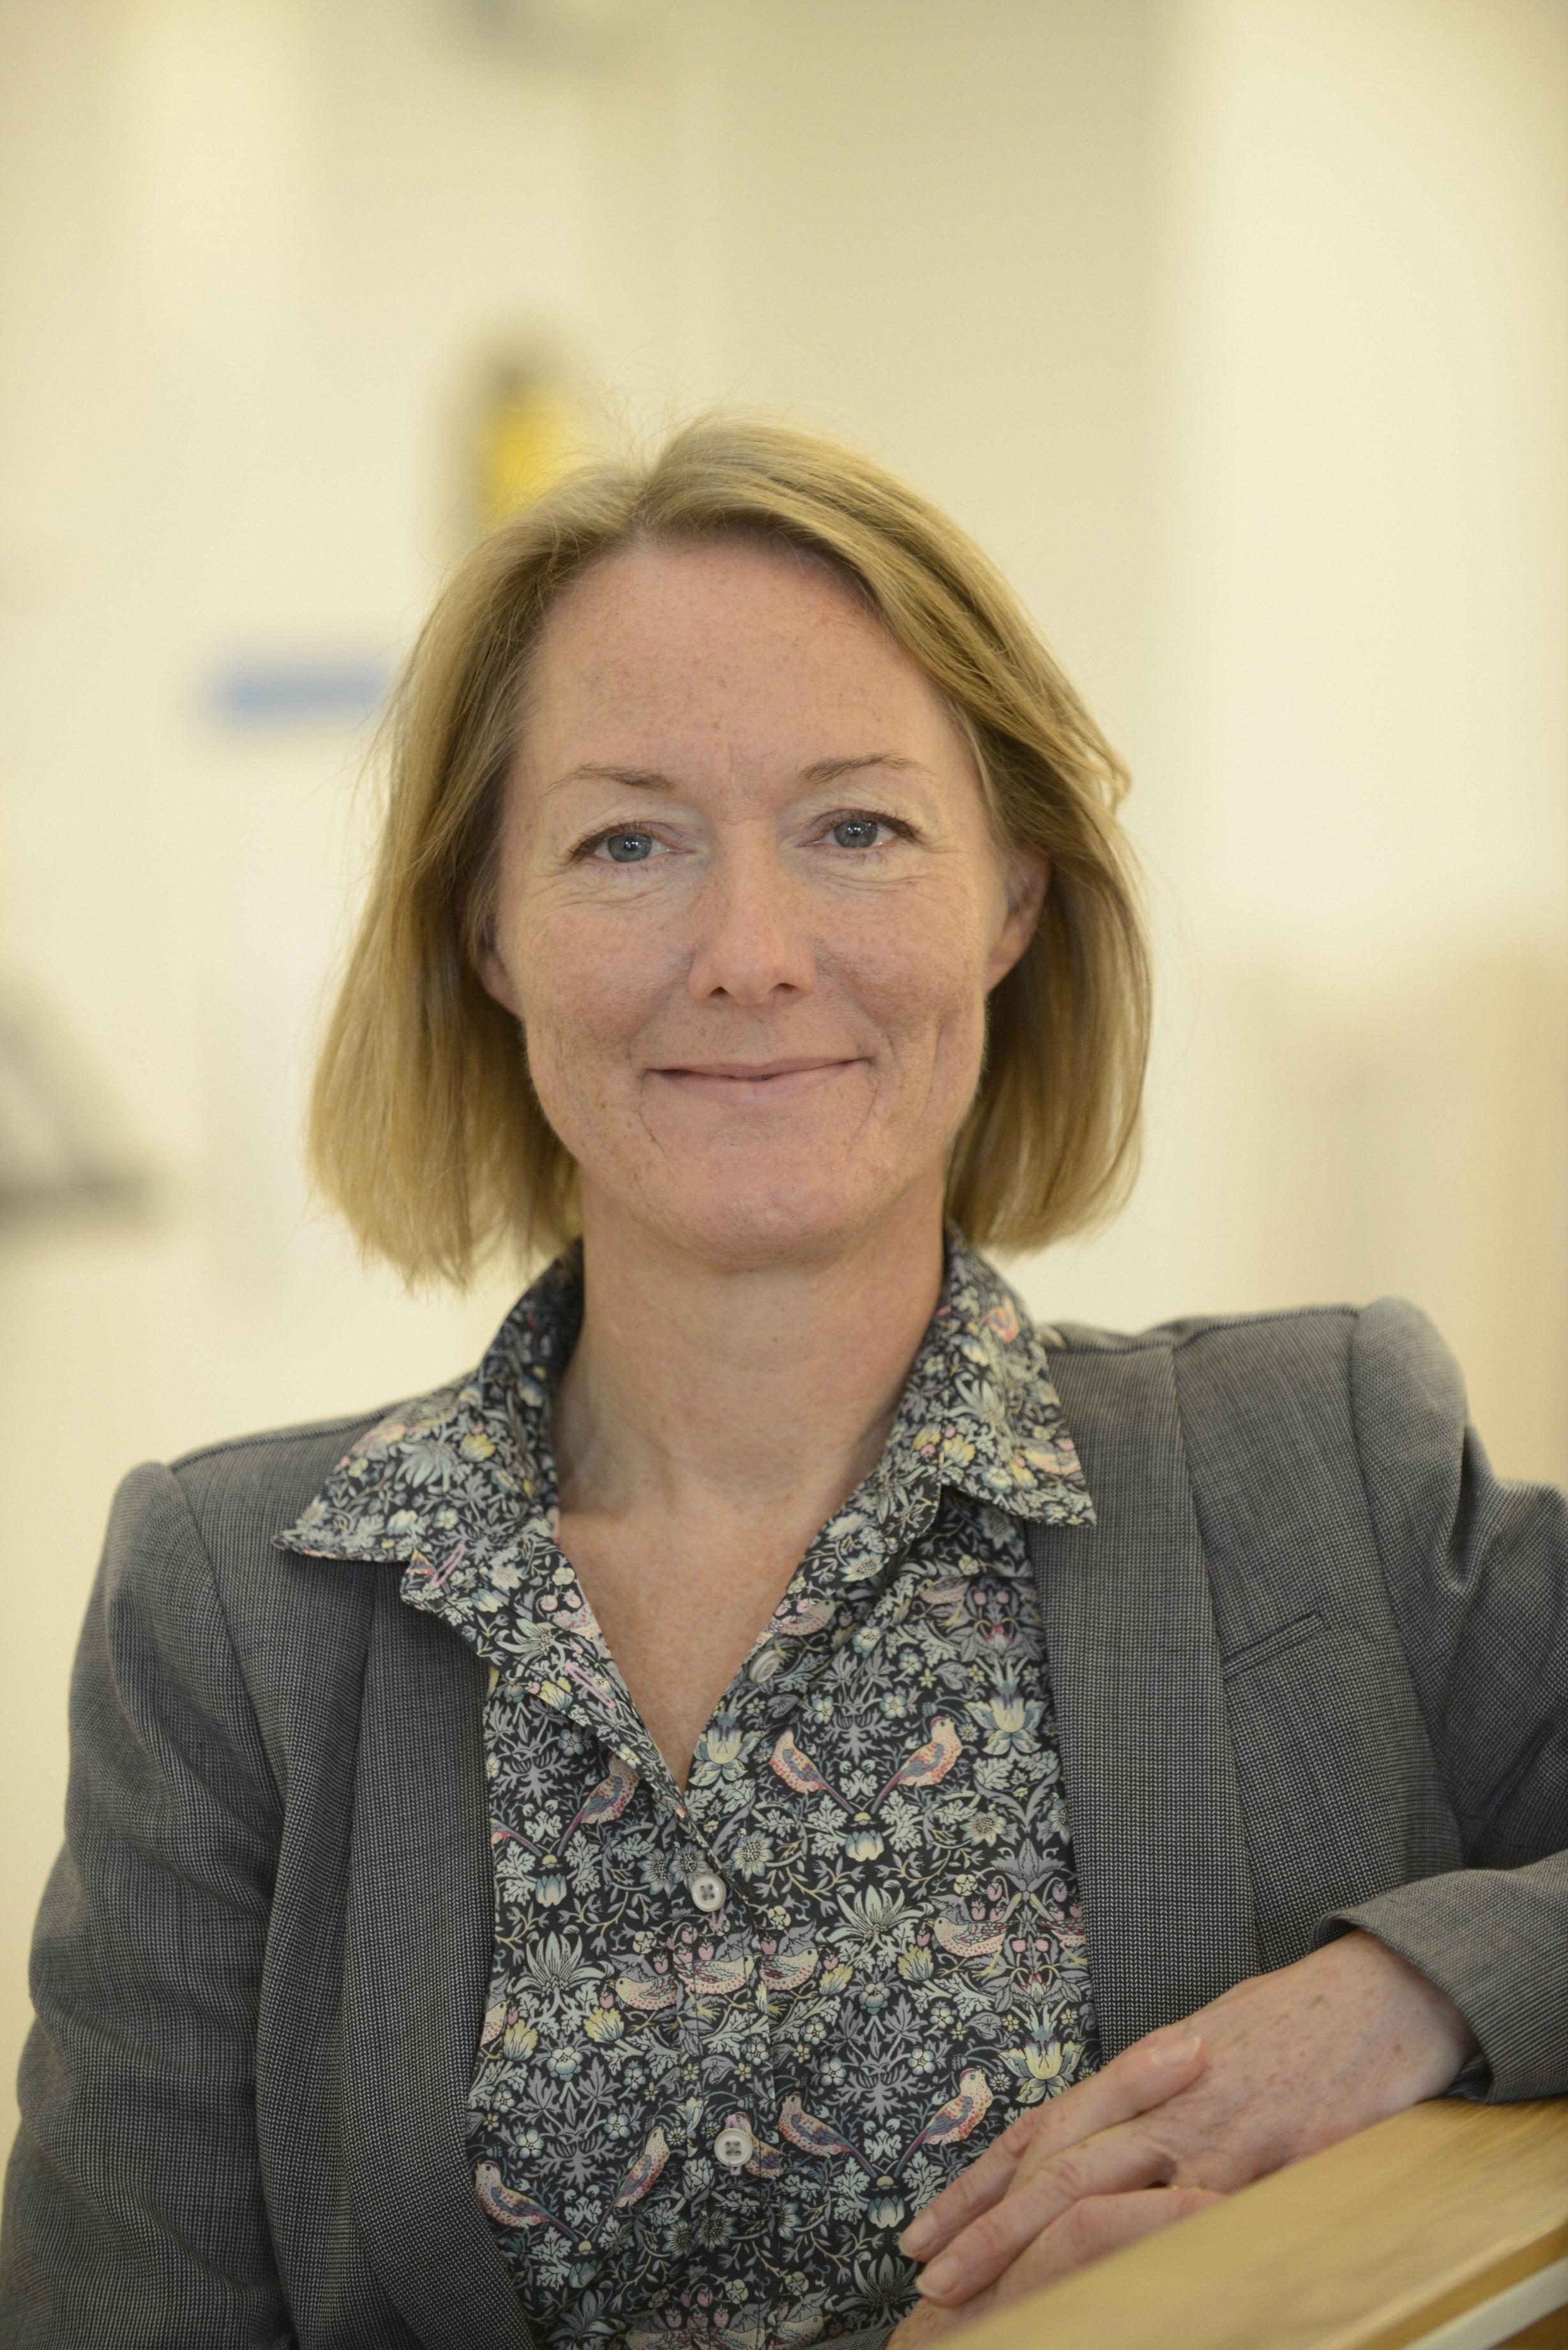 Jeanette Fich Jespersen